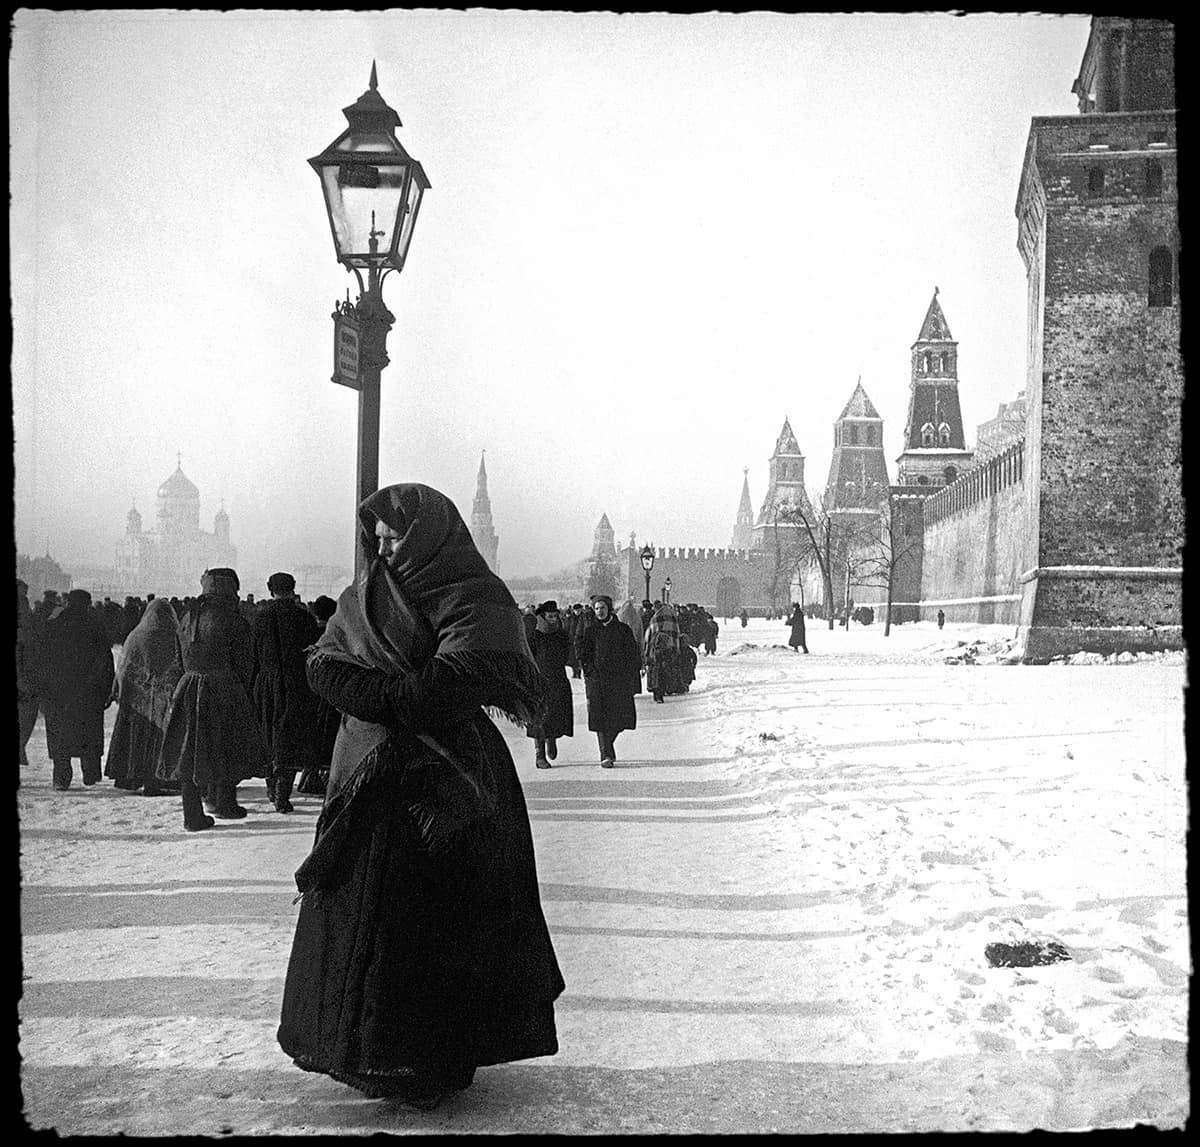 История России через стереофотографию